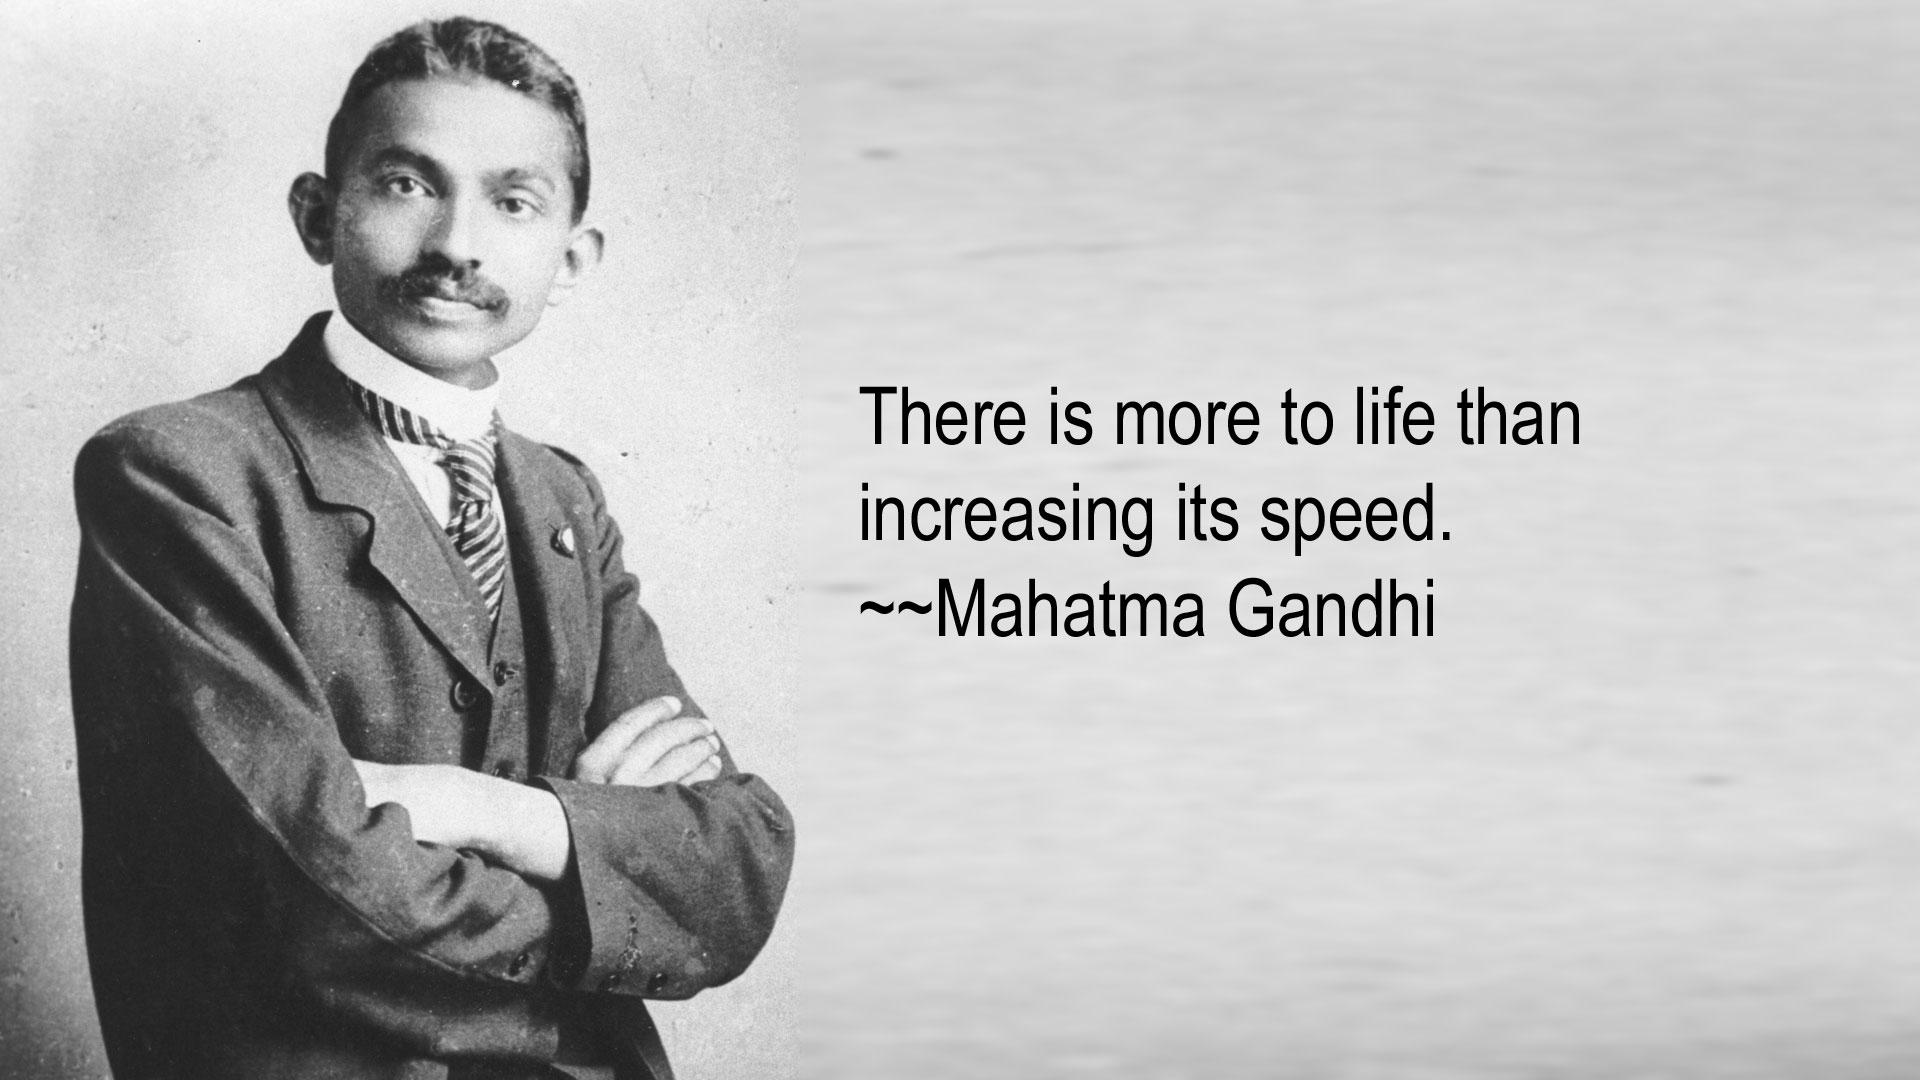 Ghandi2.jpg